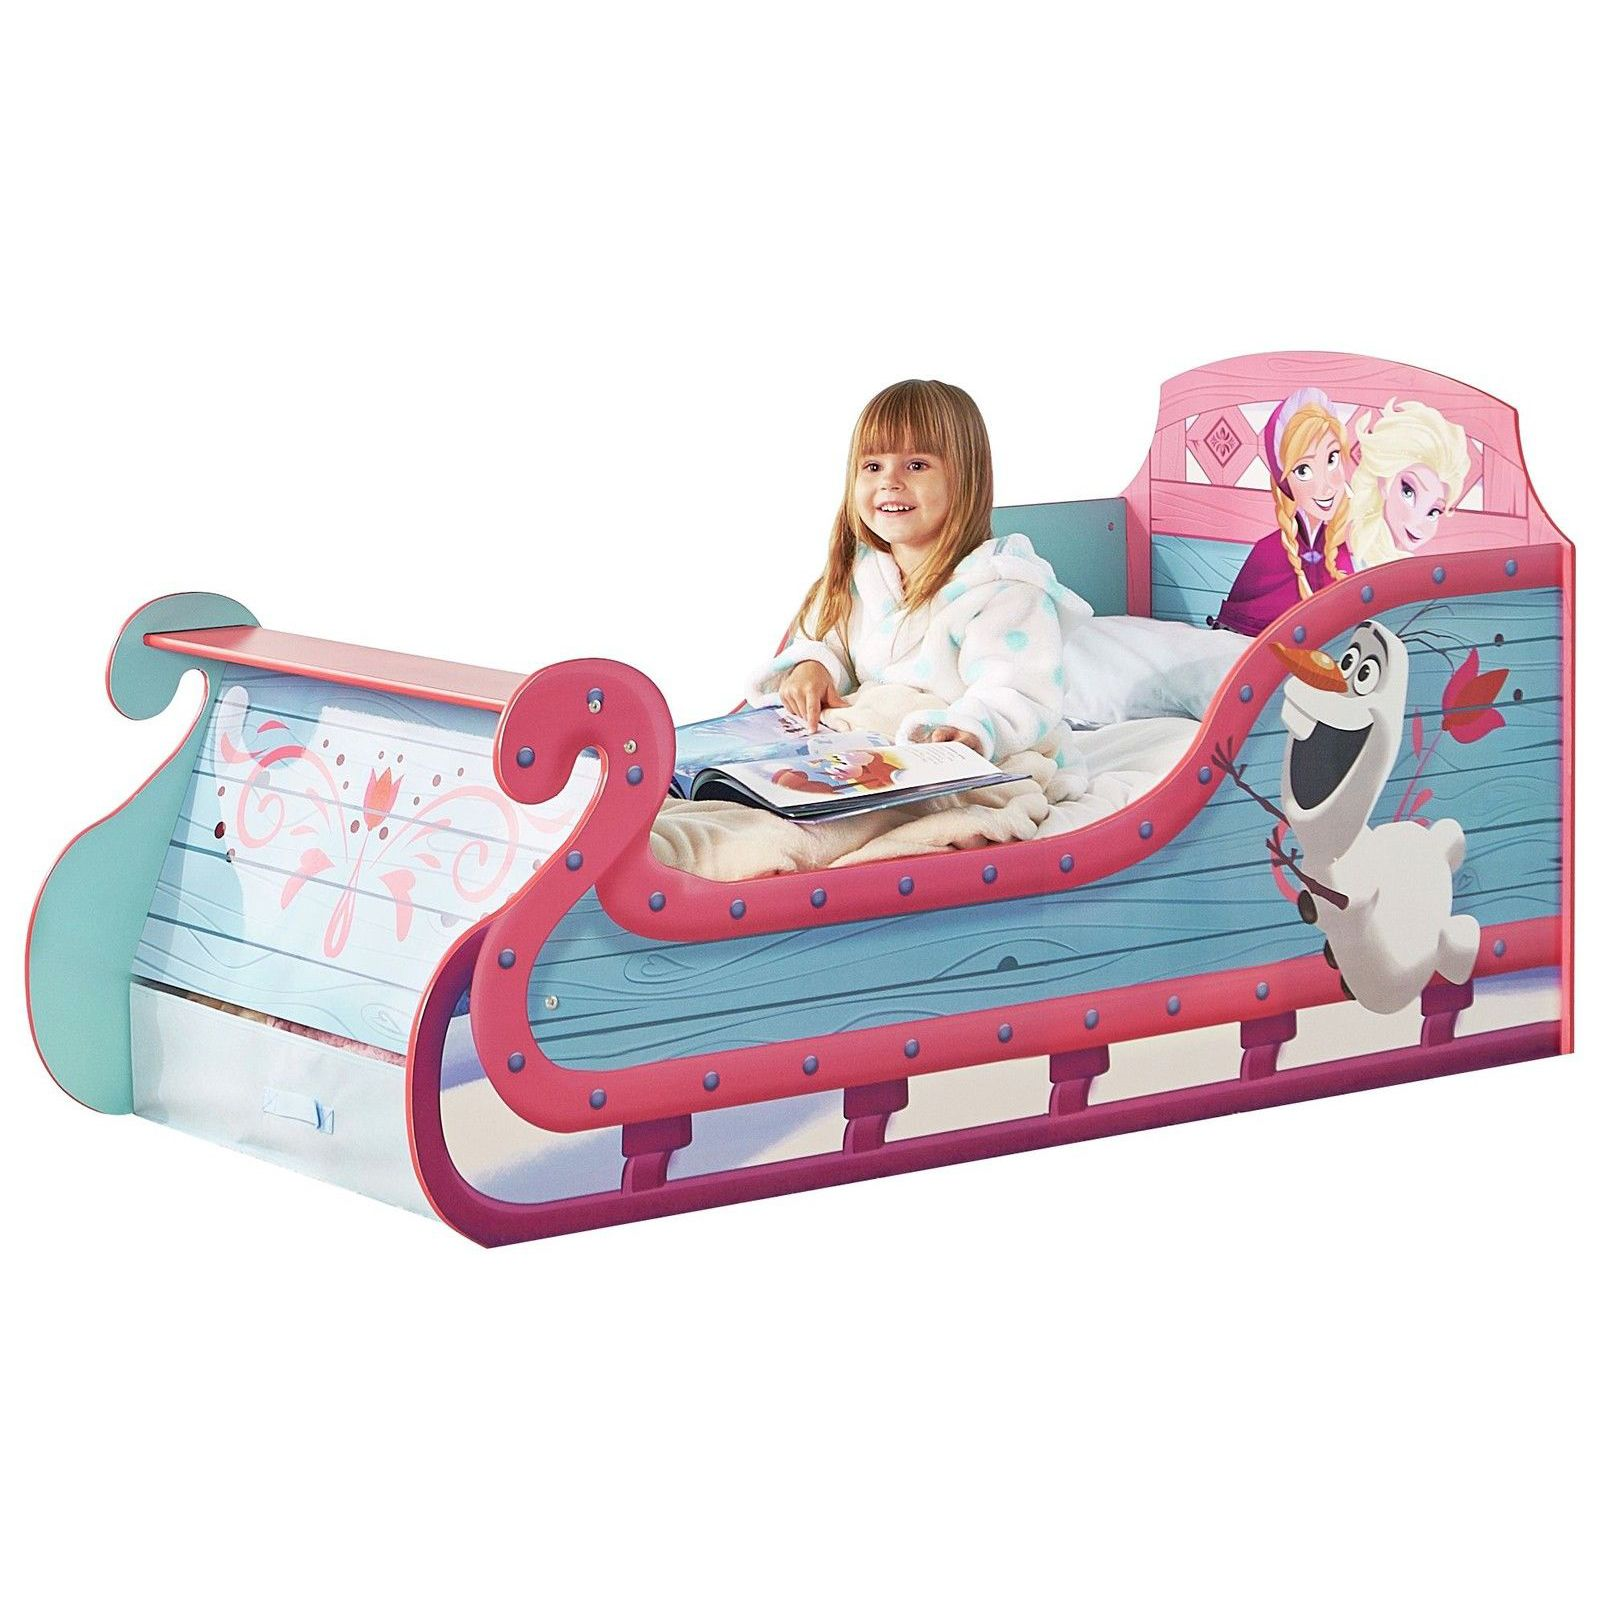 DISNEY FROZEN SLEIGH TODDLER BED WITH STORAGE MATTRESS